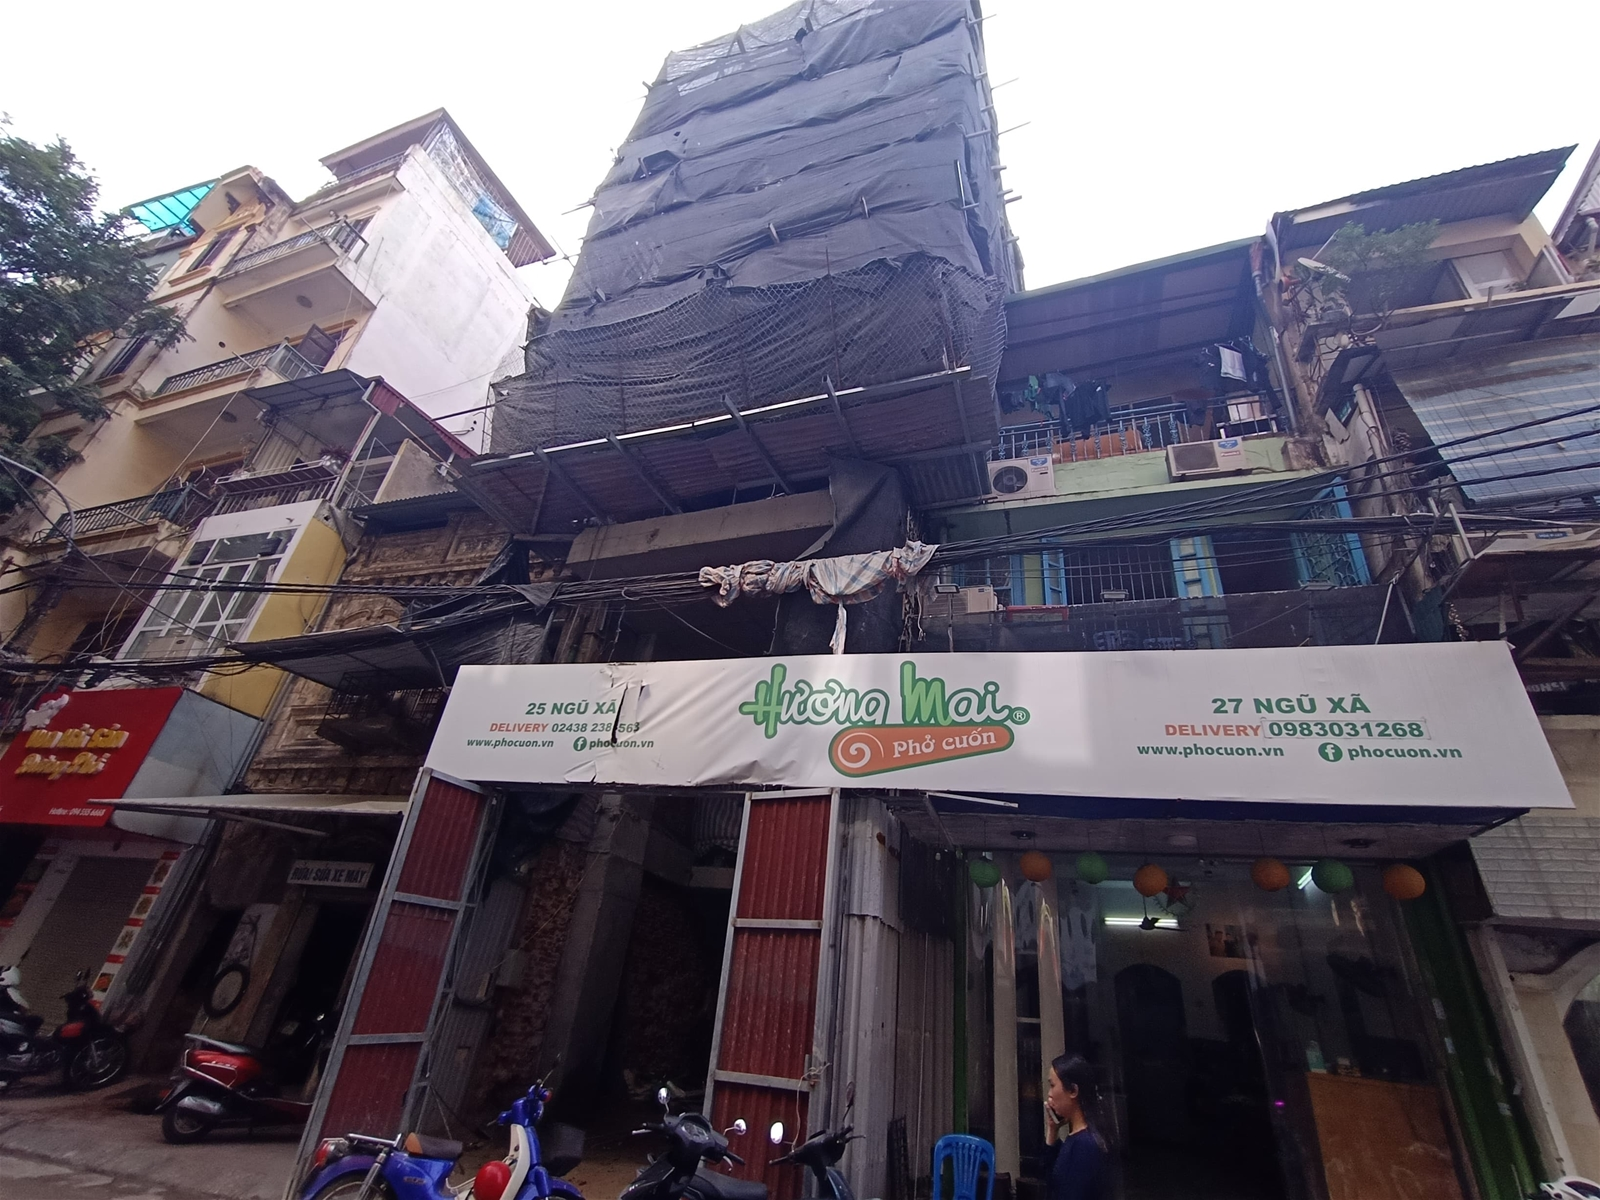 Quận Ba Đình: Quy hoạch phố cũ đi vào bế tắc vì những vi phạm TTXD